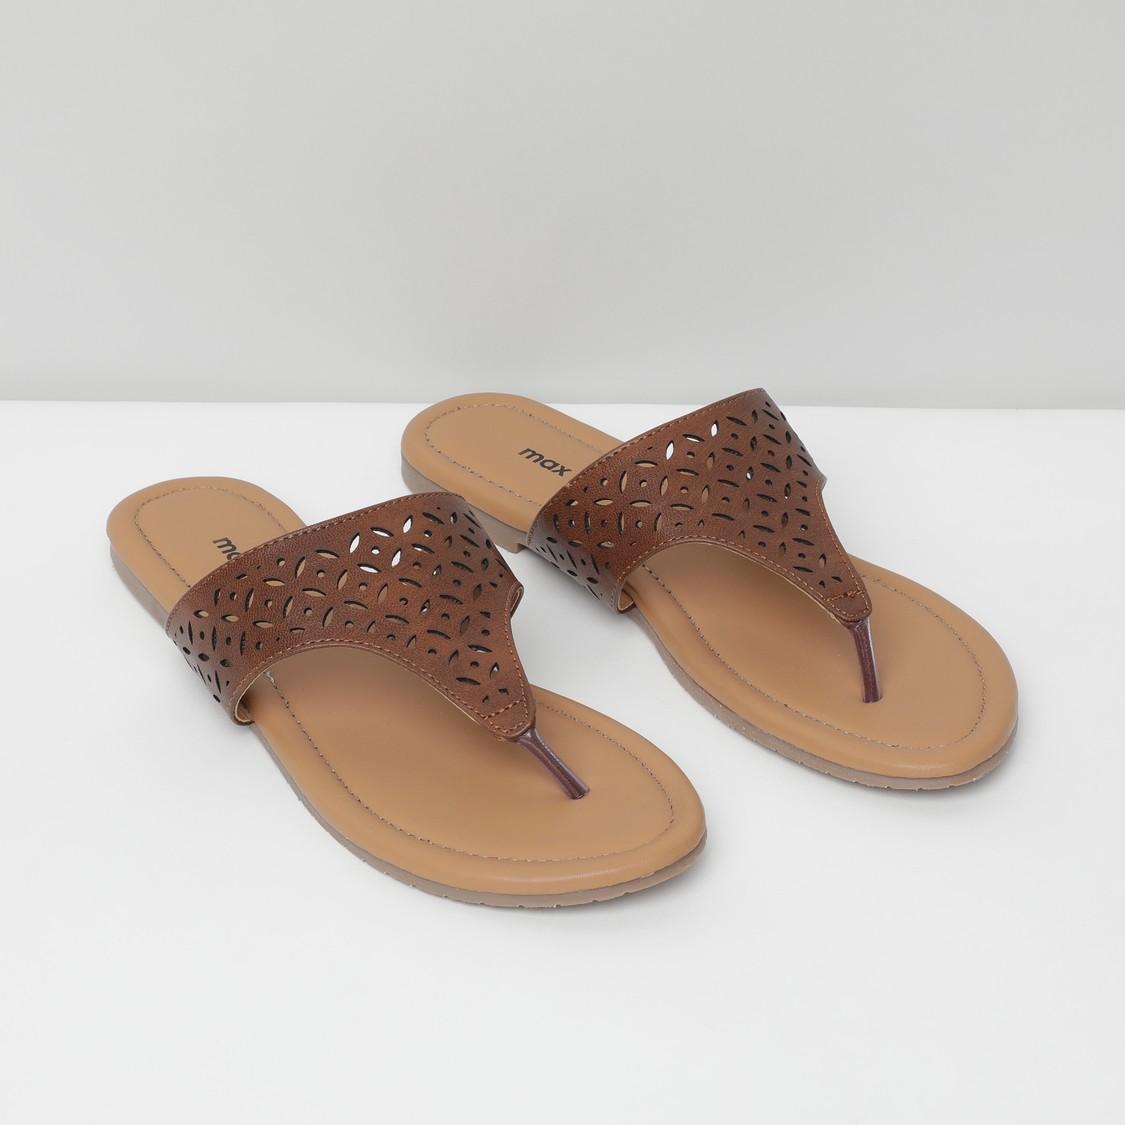 MAX Textured Open-Toe Flats